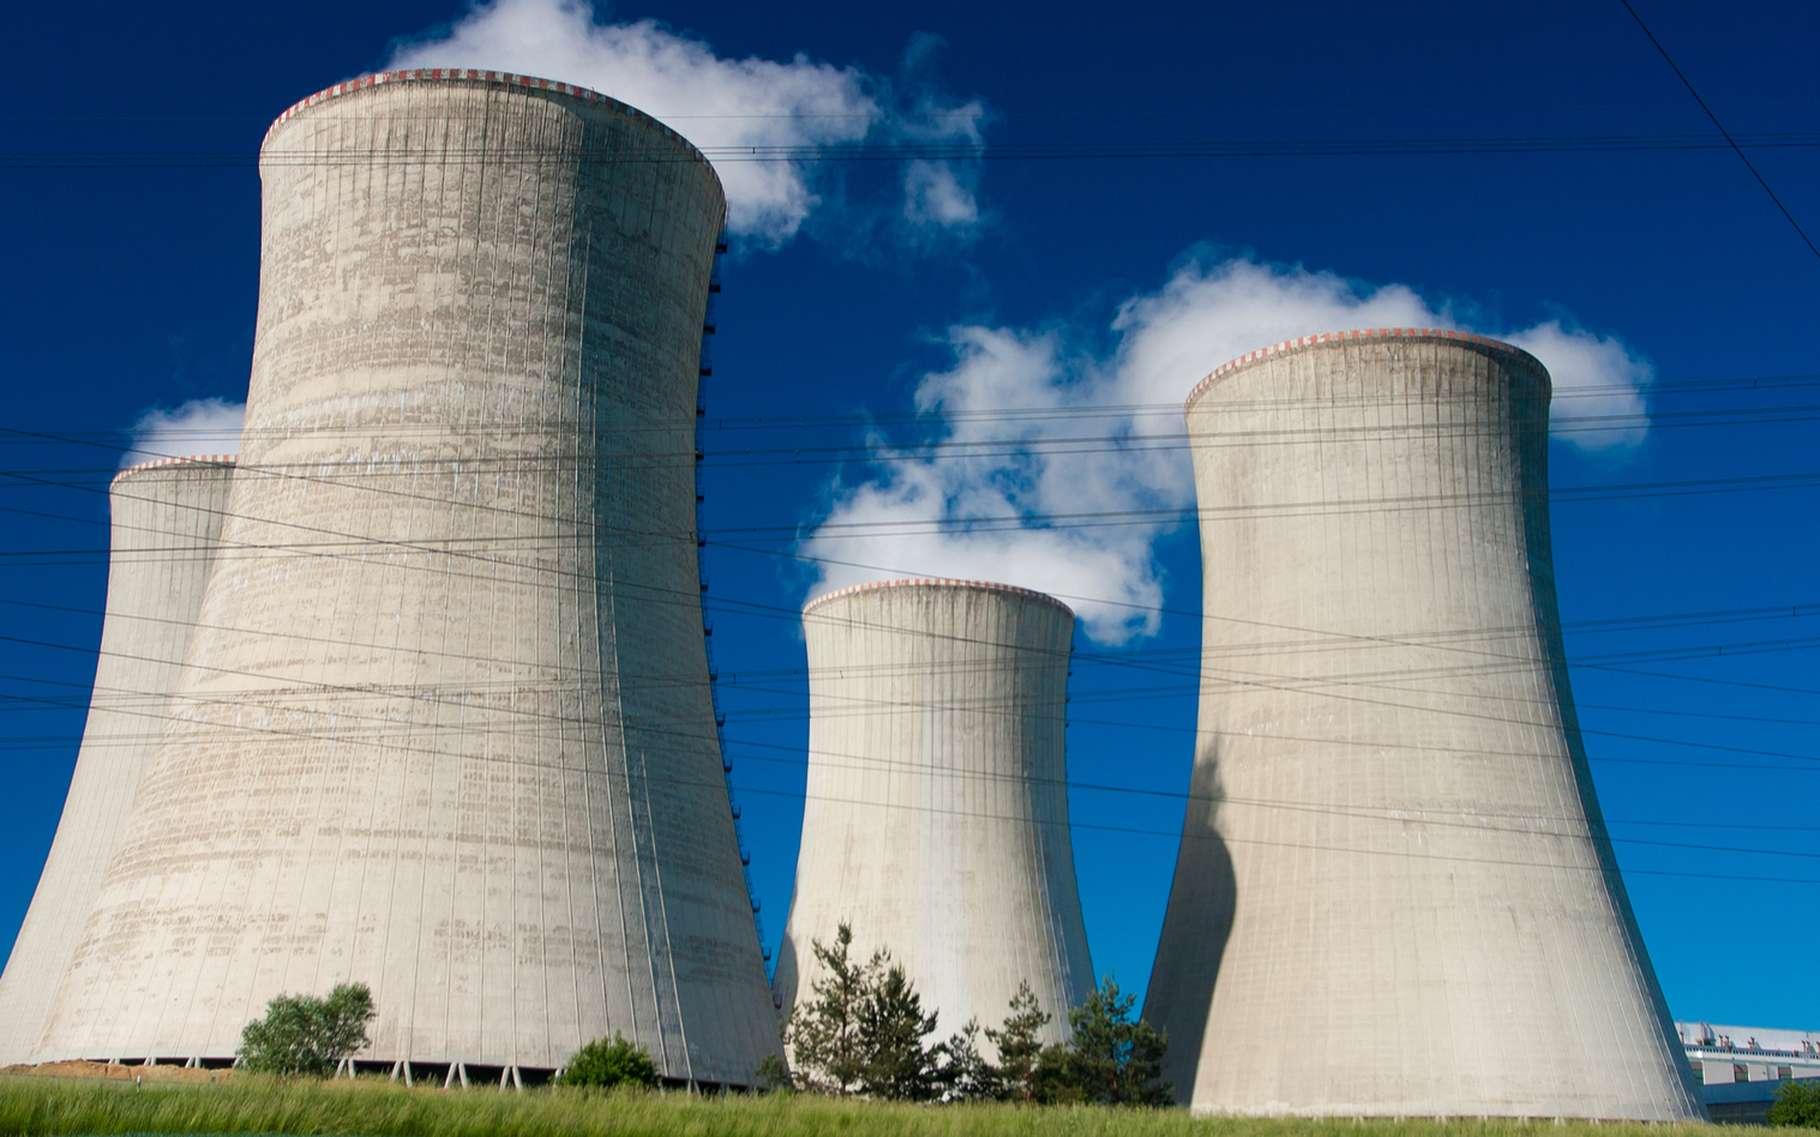 Le matériau nanocéramique mis au point par une équipe internationale de chercheurs pourrait permettre de rendre les réacteurs nucléaires du futur plus sûrs et plus économiques. © Bestweb, Shutterstock